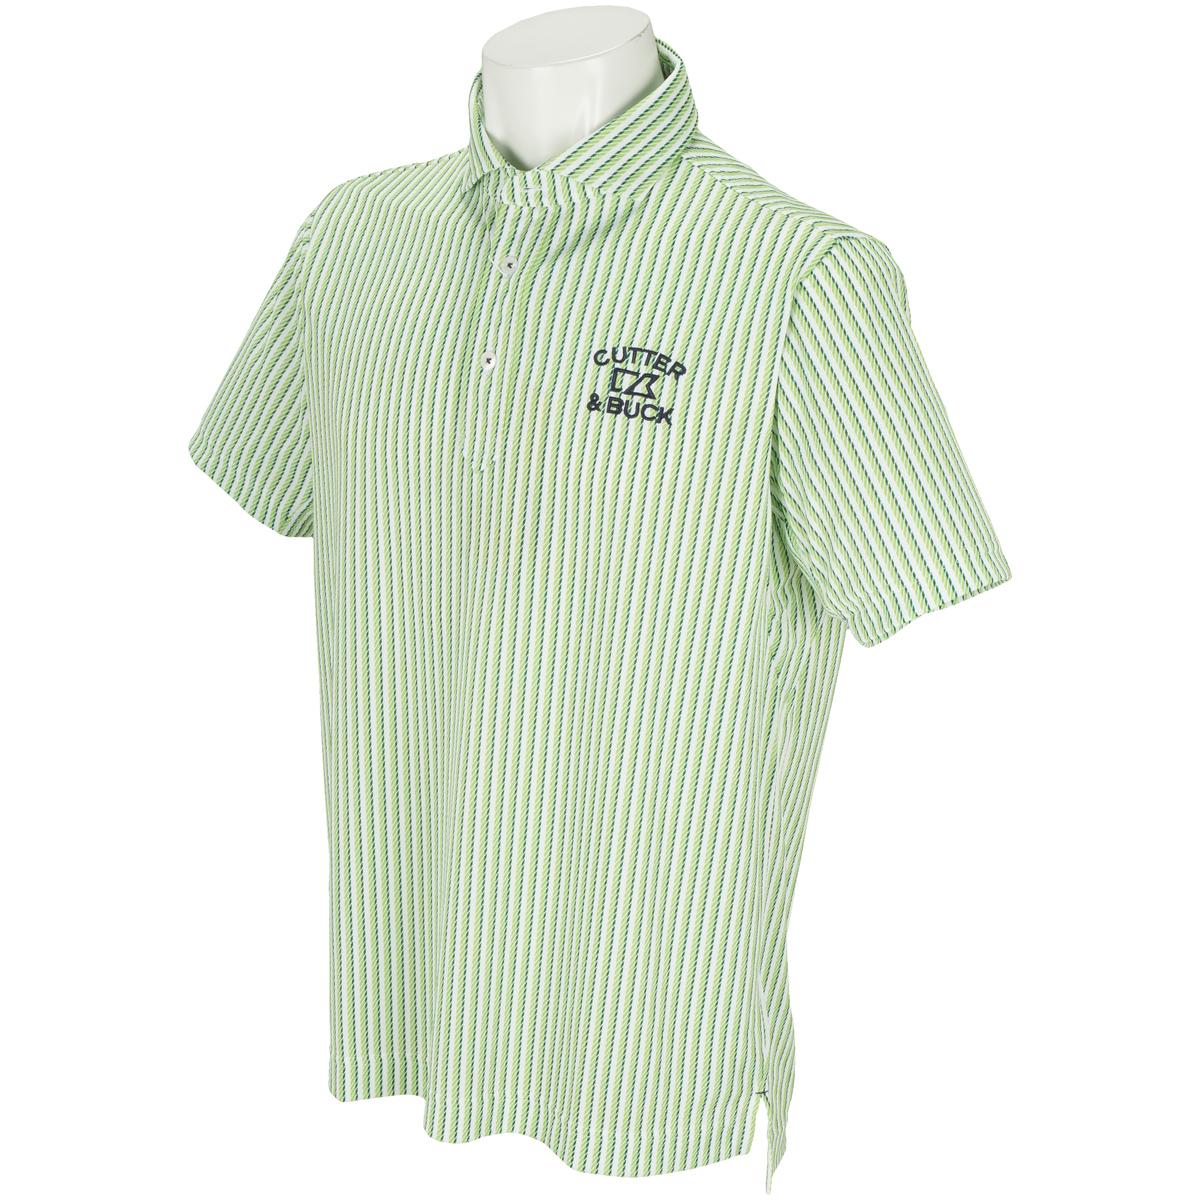 ストライププリント半袖ポロシャツ